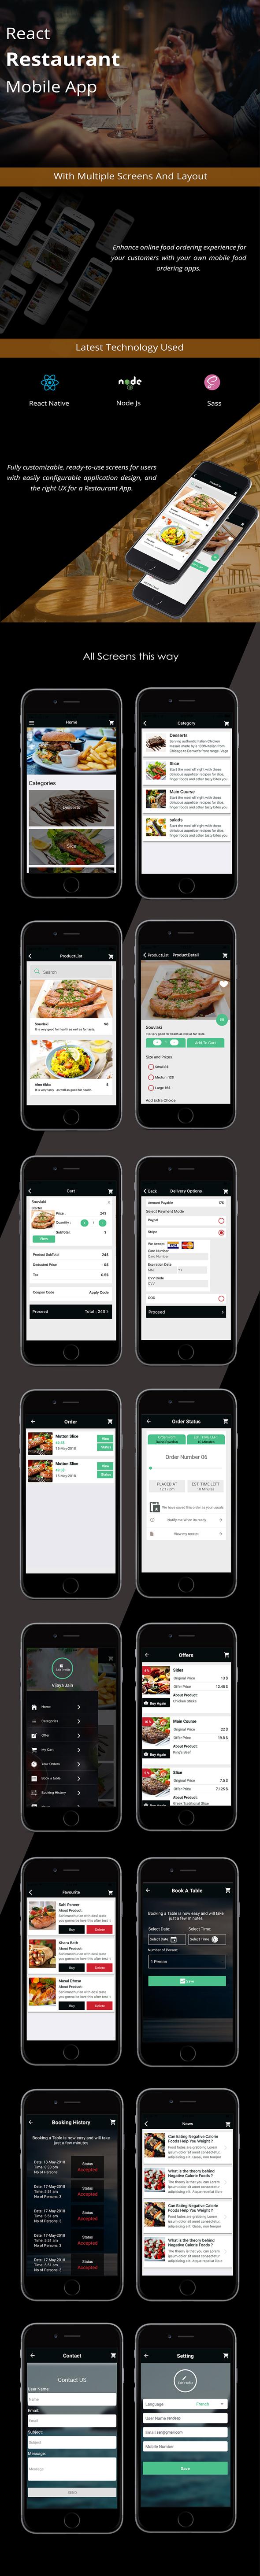 React Native Restaurant Mobile App - 2